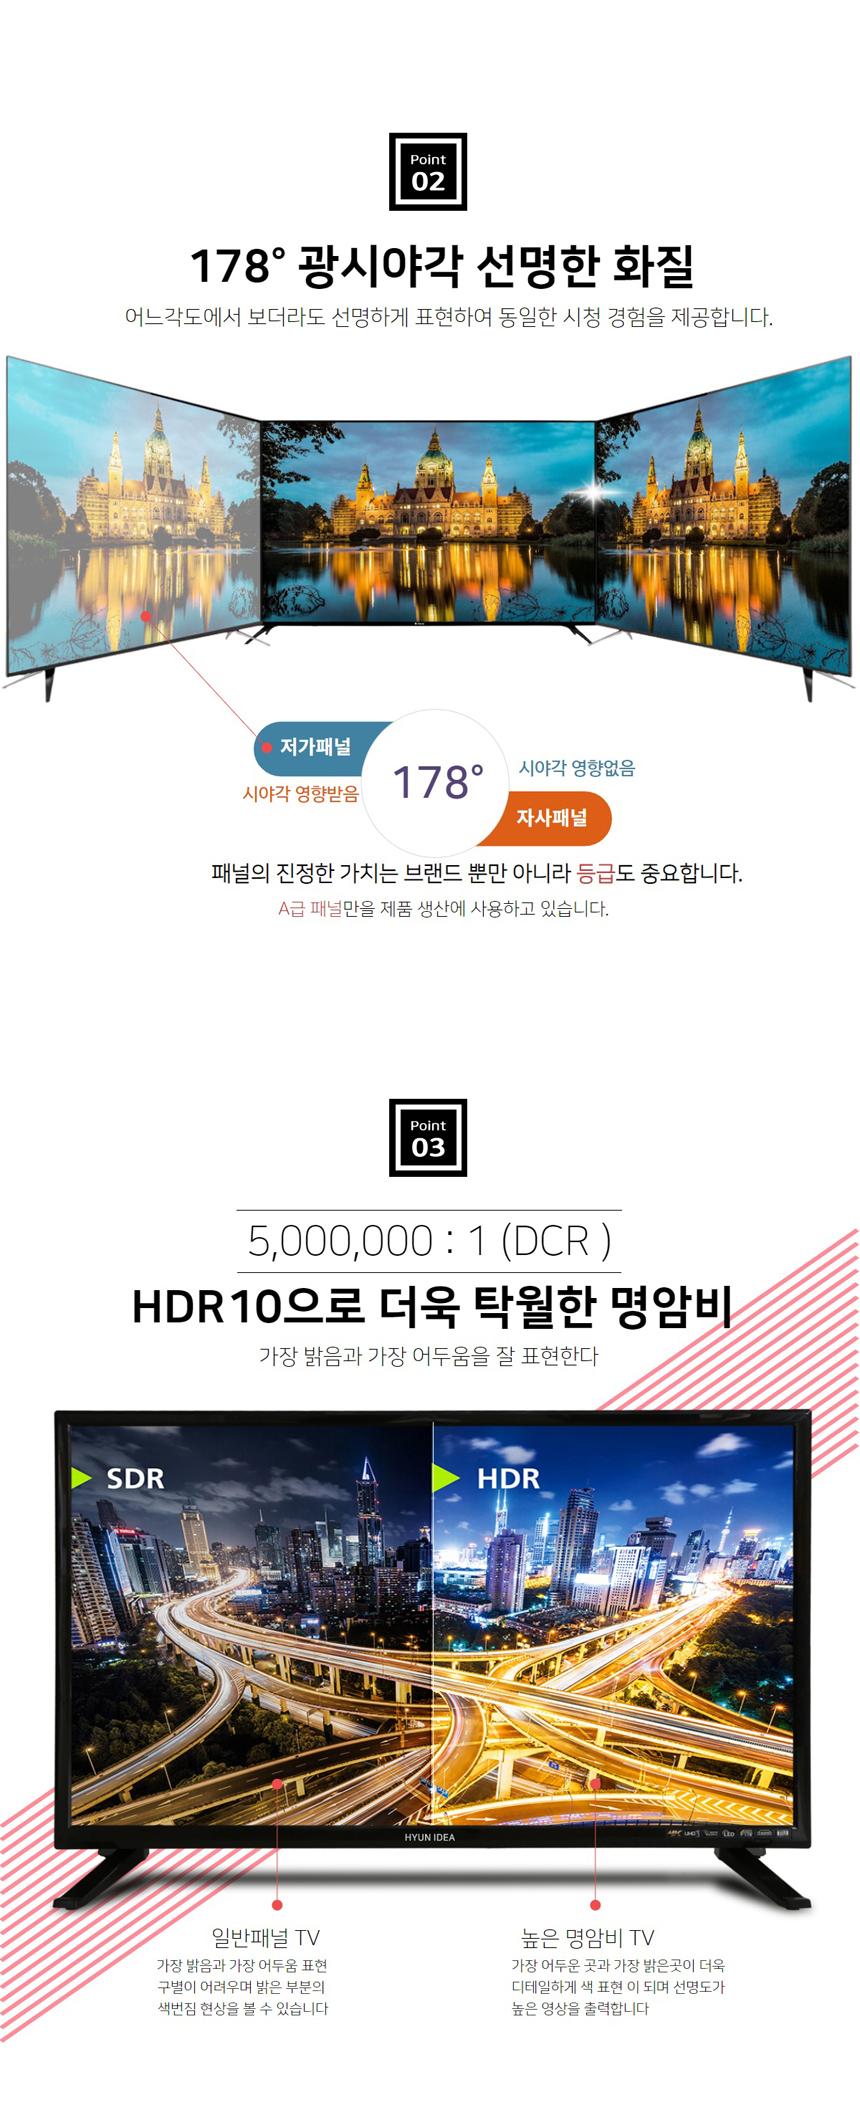 현아이디어 UV280 UHD 리얼 4K HDR (스탠드)